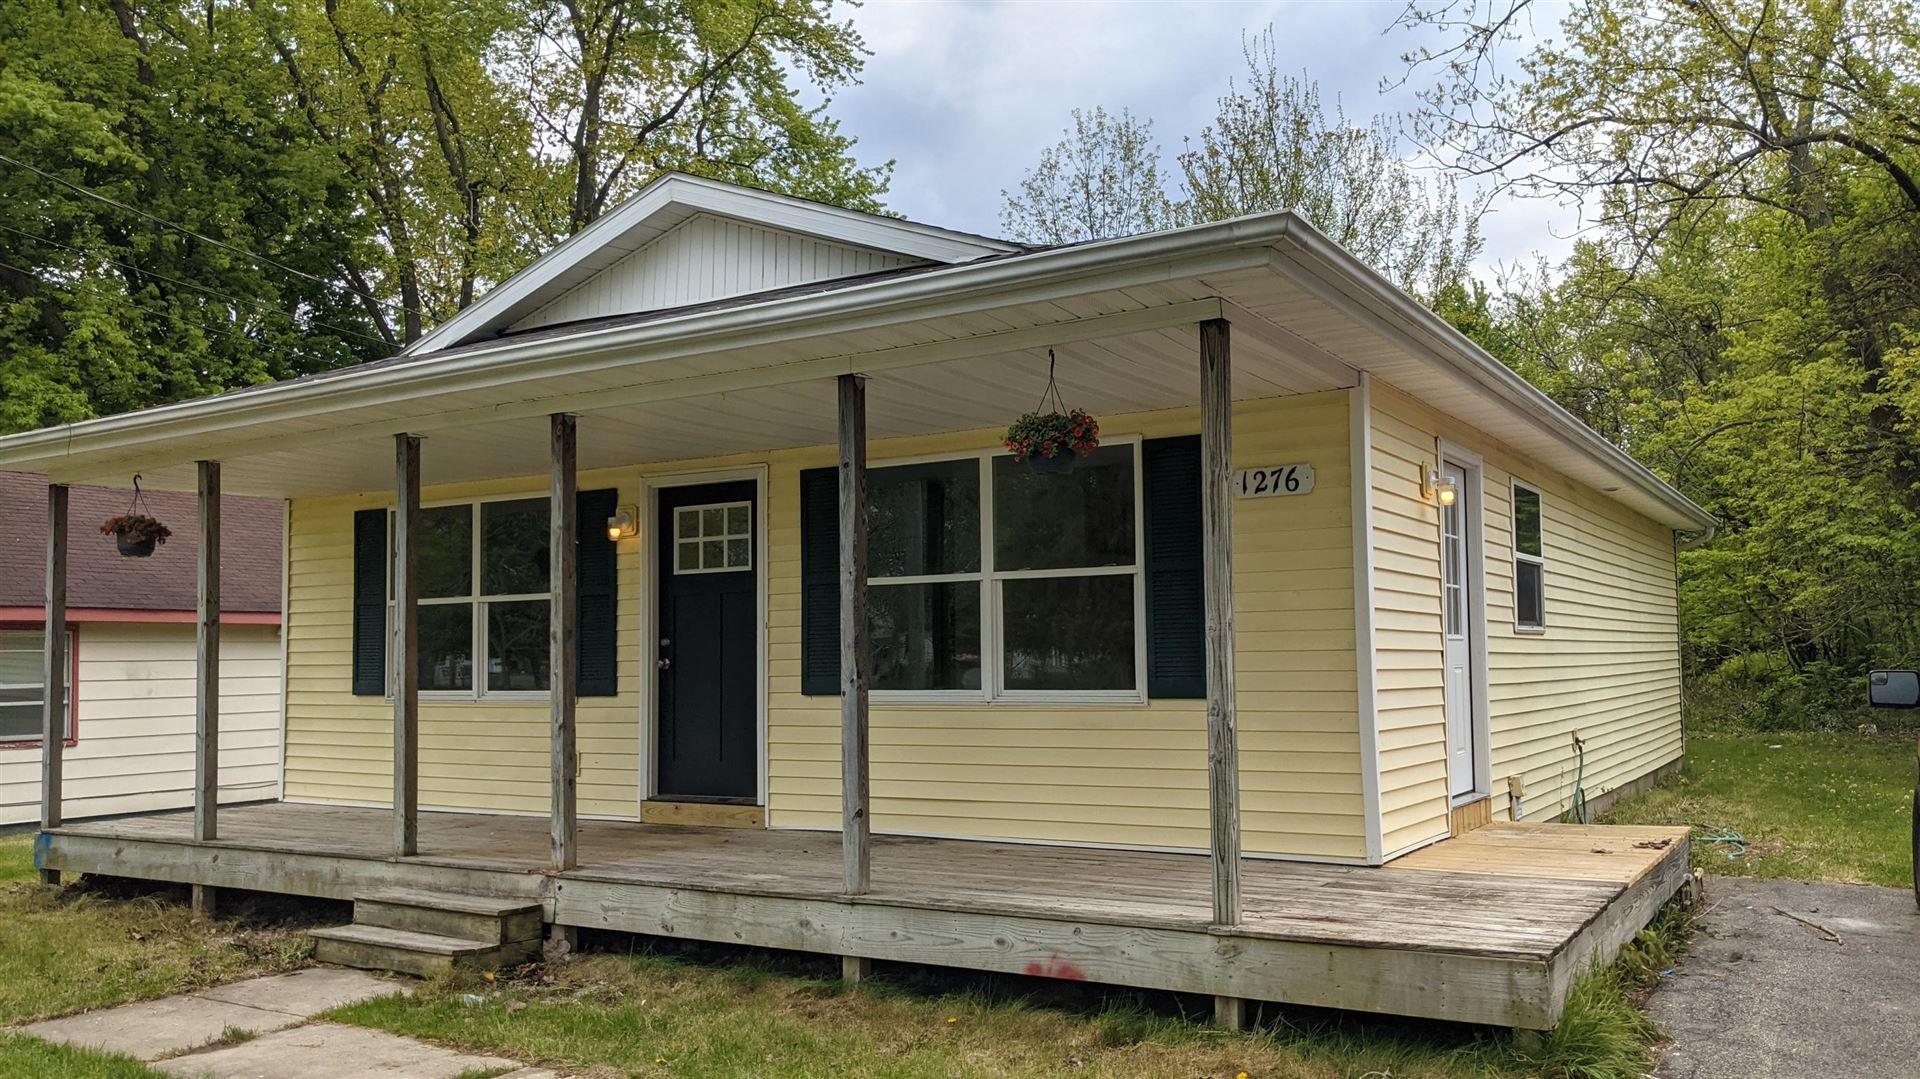 1276 Maynard Drive, Benton Harbor, MI 49022 - MLS#: 21017621